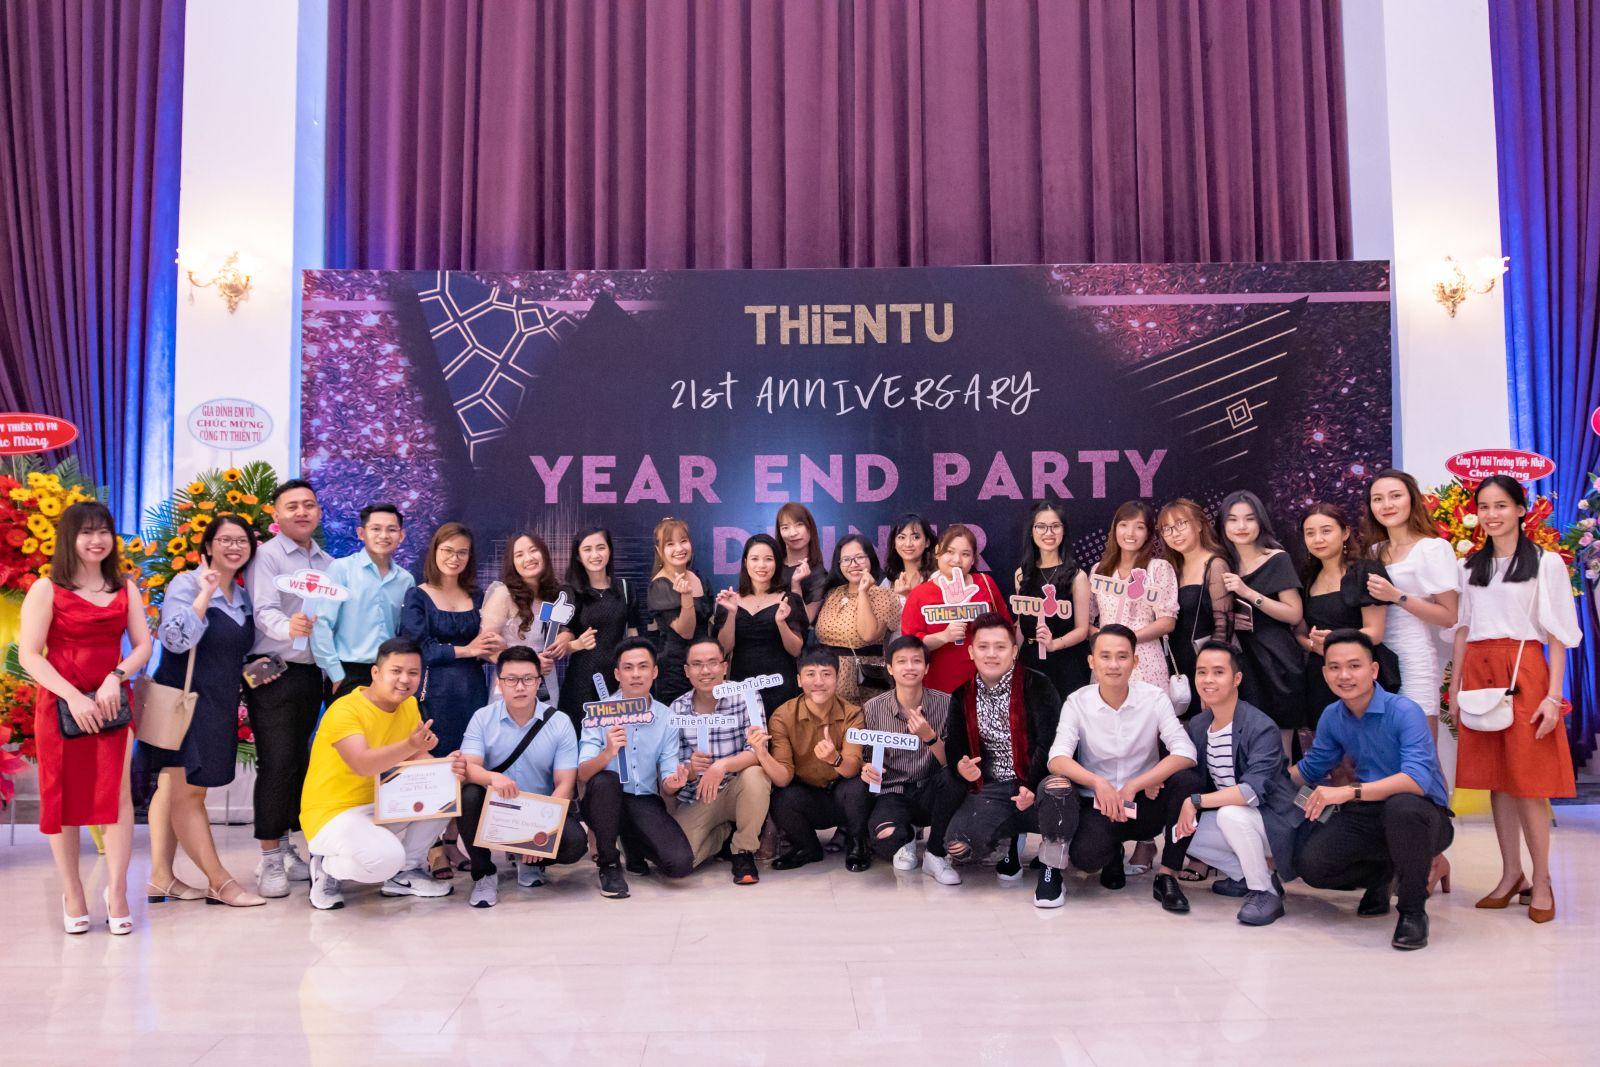 Kỷ niệm 21 năm thành lập công ty Viễn Thông Thiên Tú 2